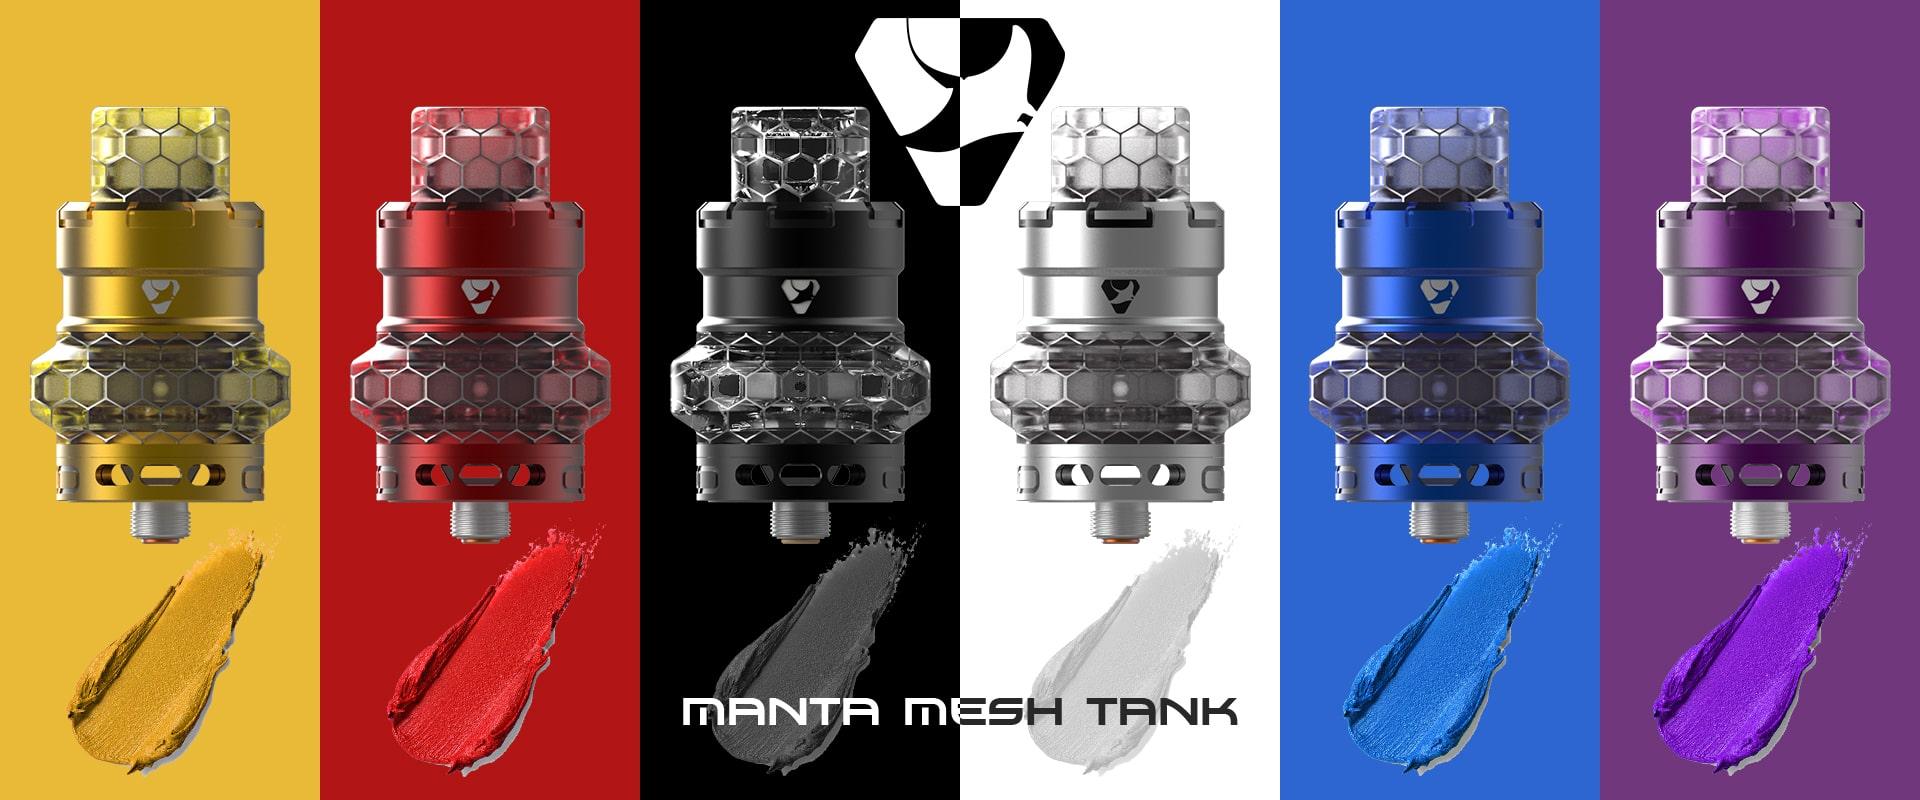 manta-tank_02